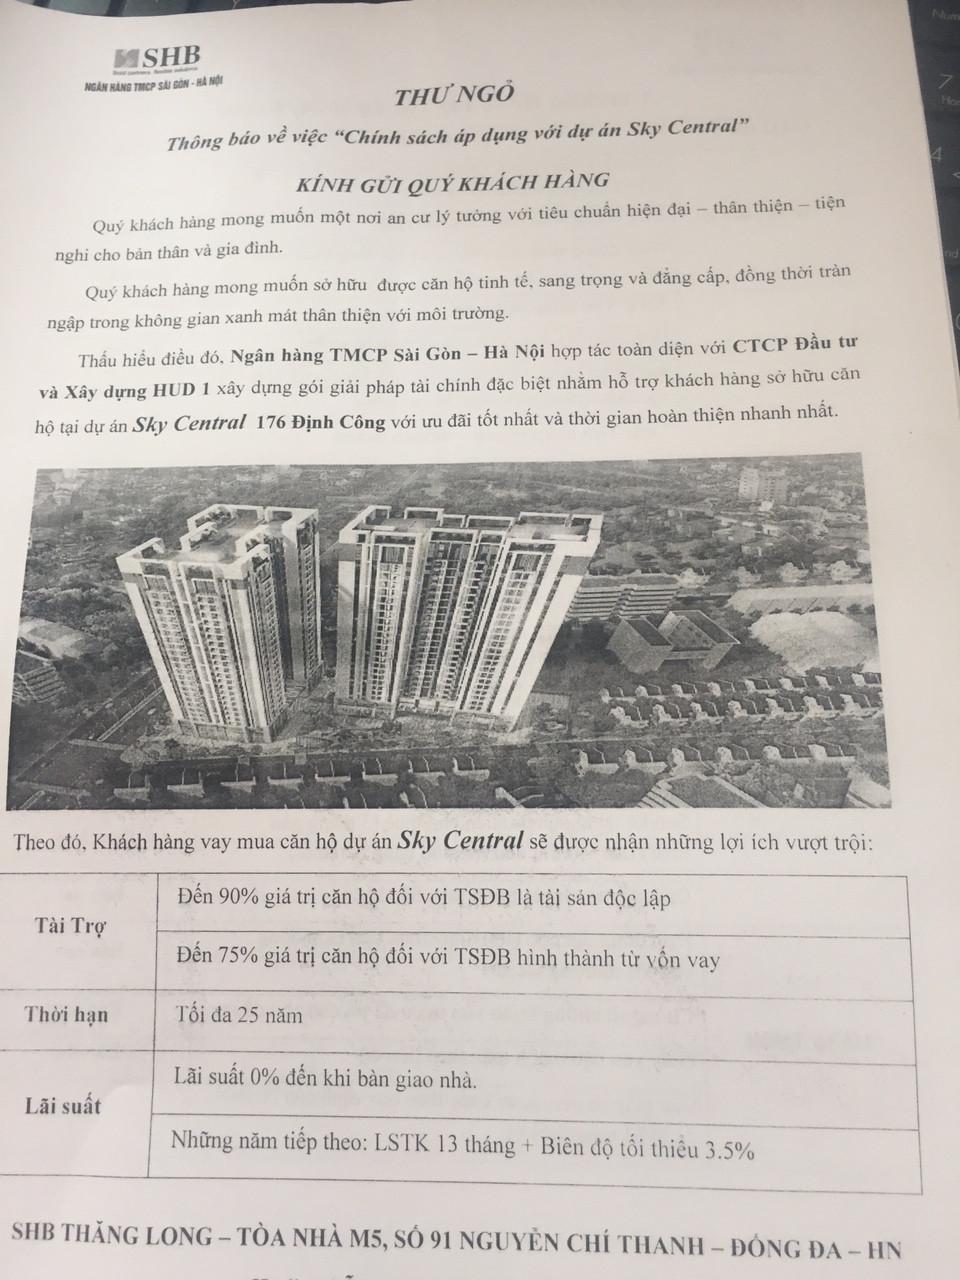 Chính sách vay vốn dự kiến SHB chi nhánh Thăng Long cho dự án 176 Định Công